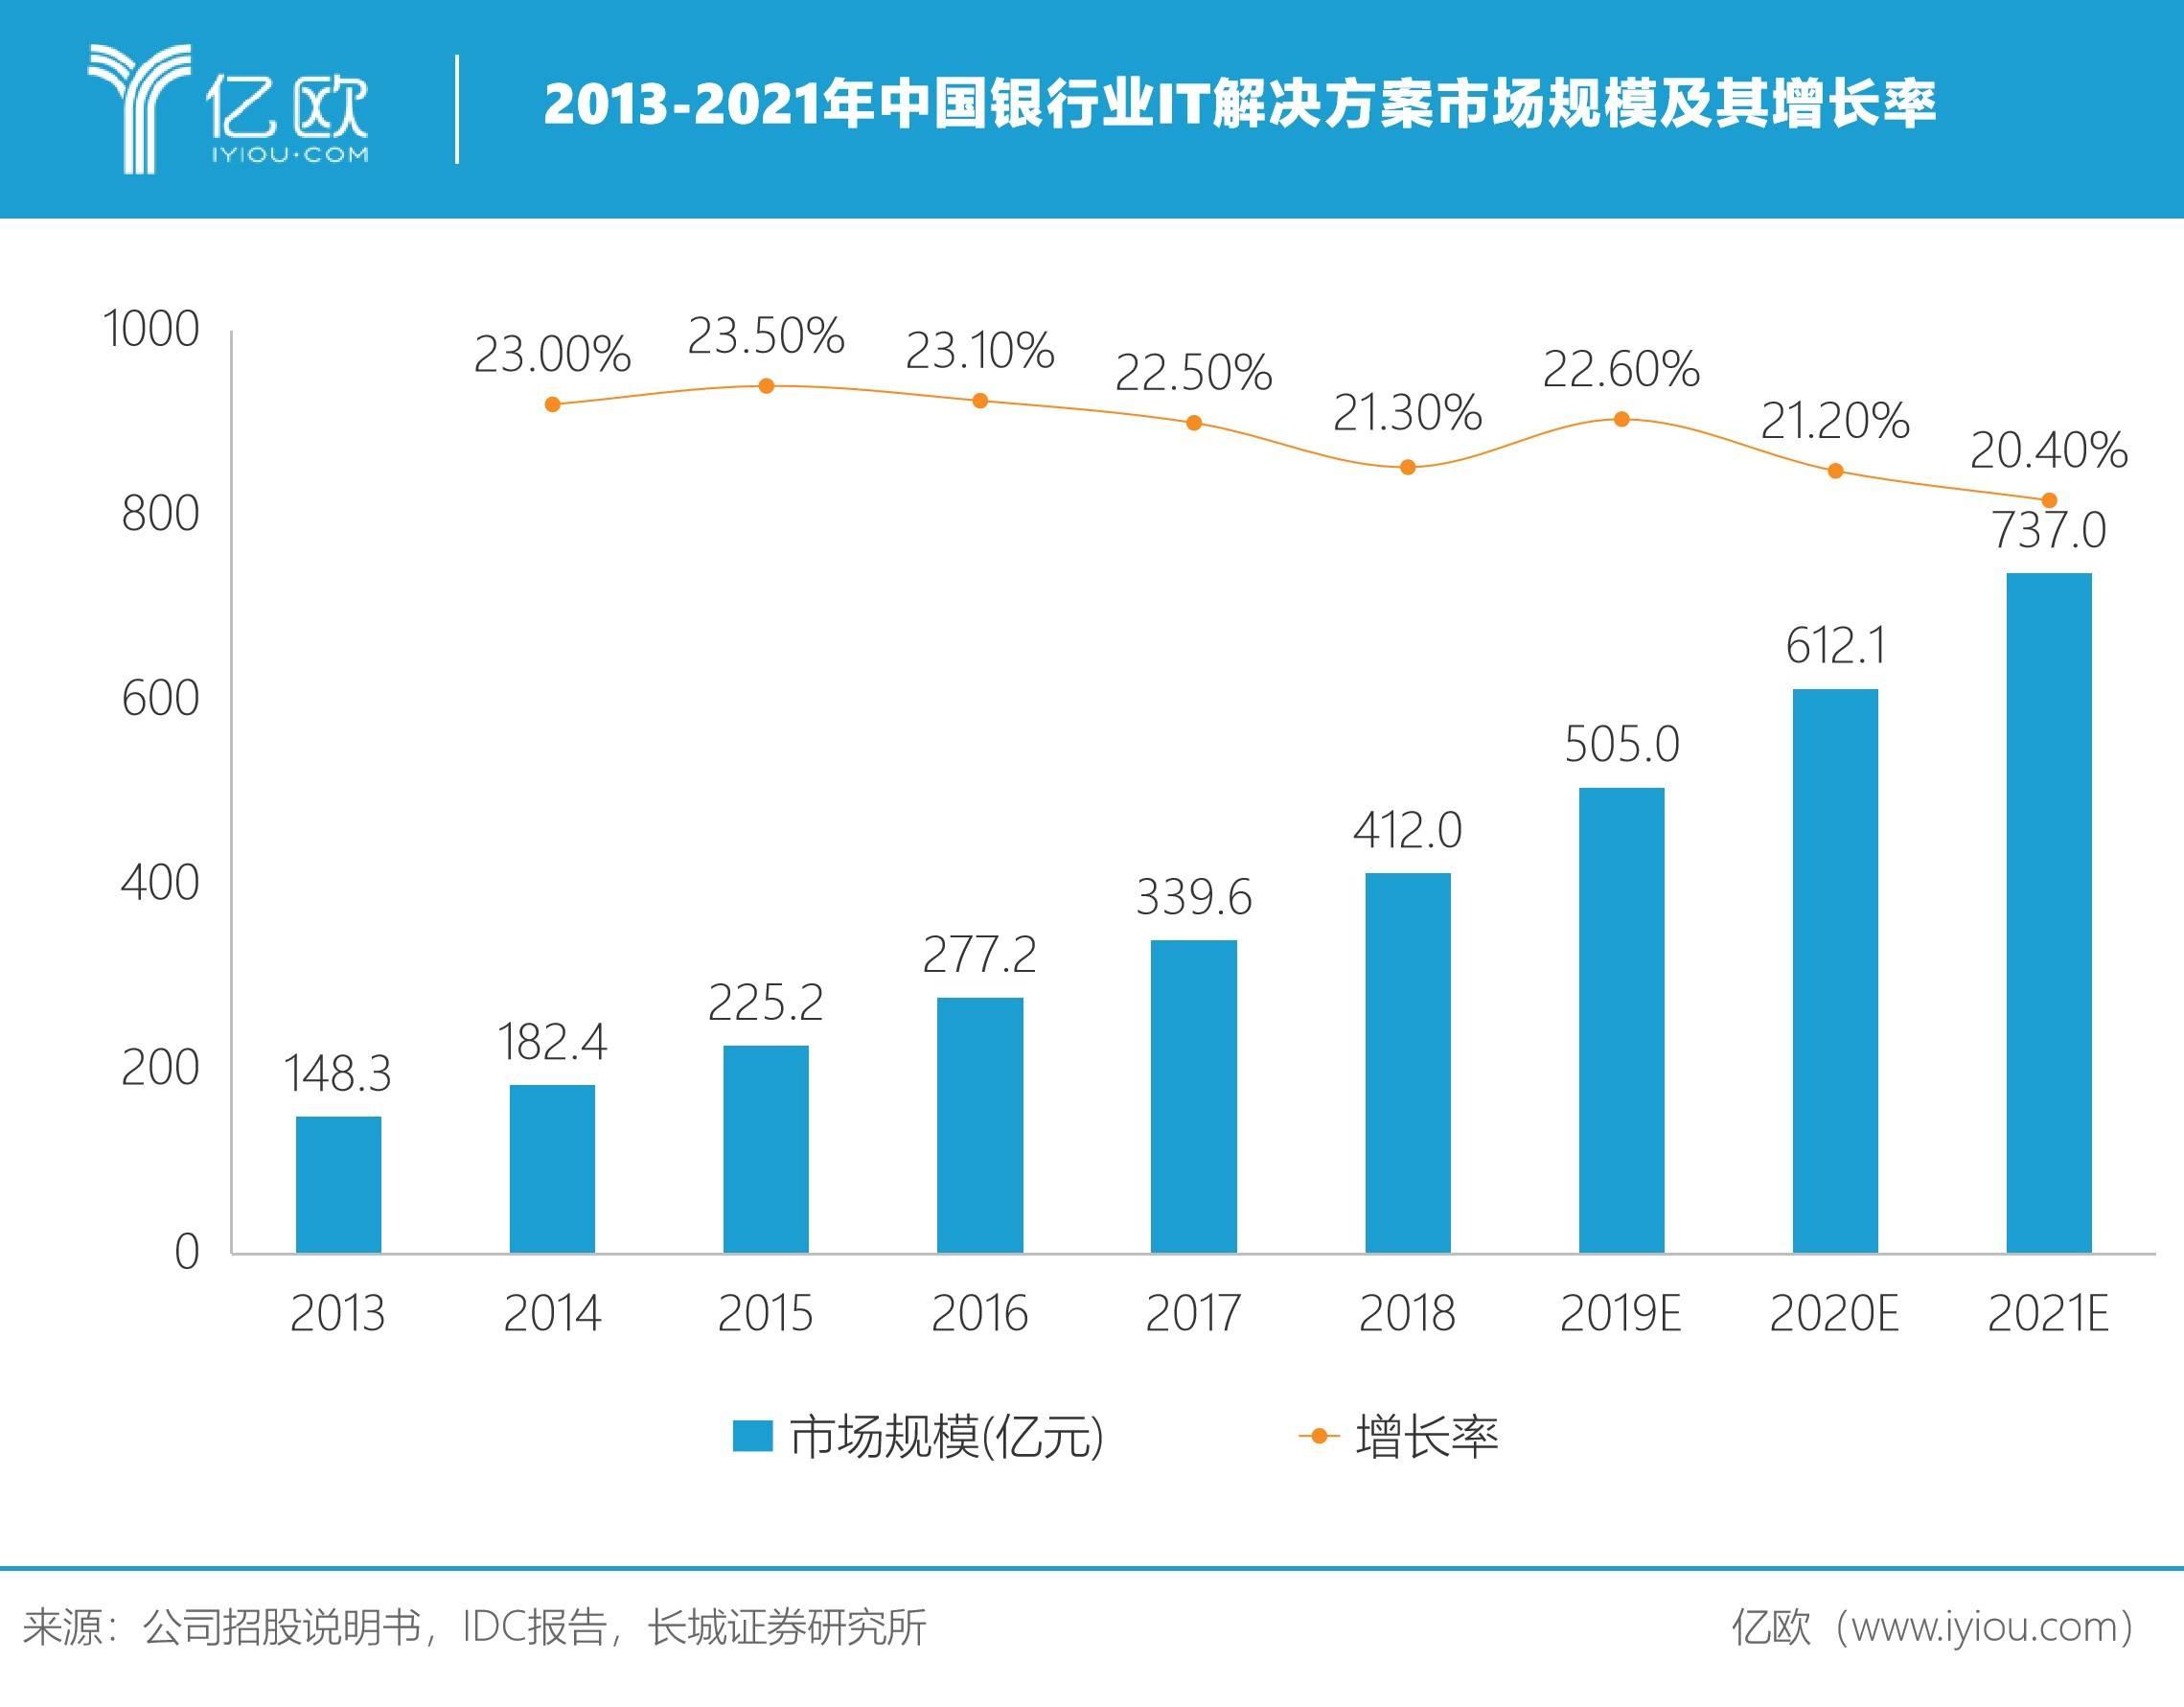 2013-2021年中国银行业IT解决方案市场规模及其增长率